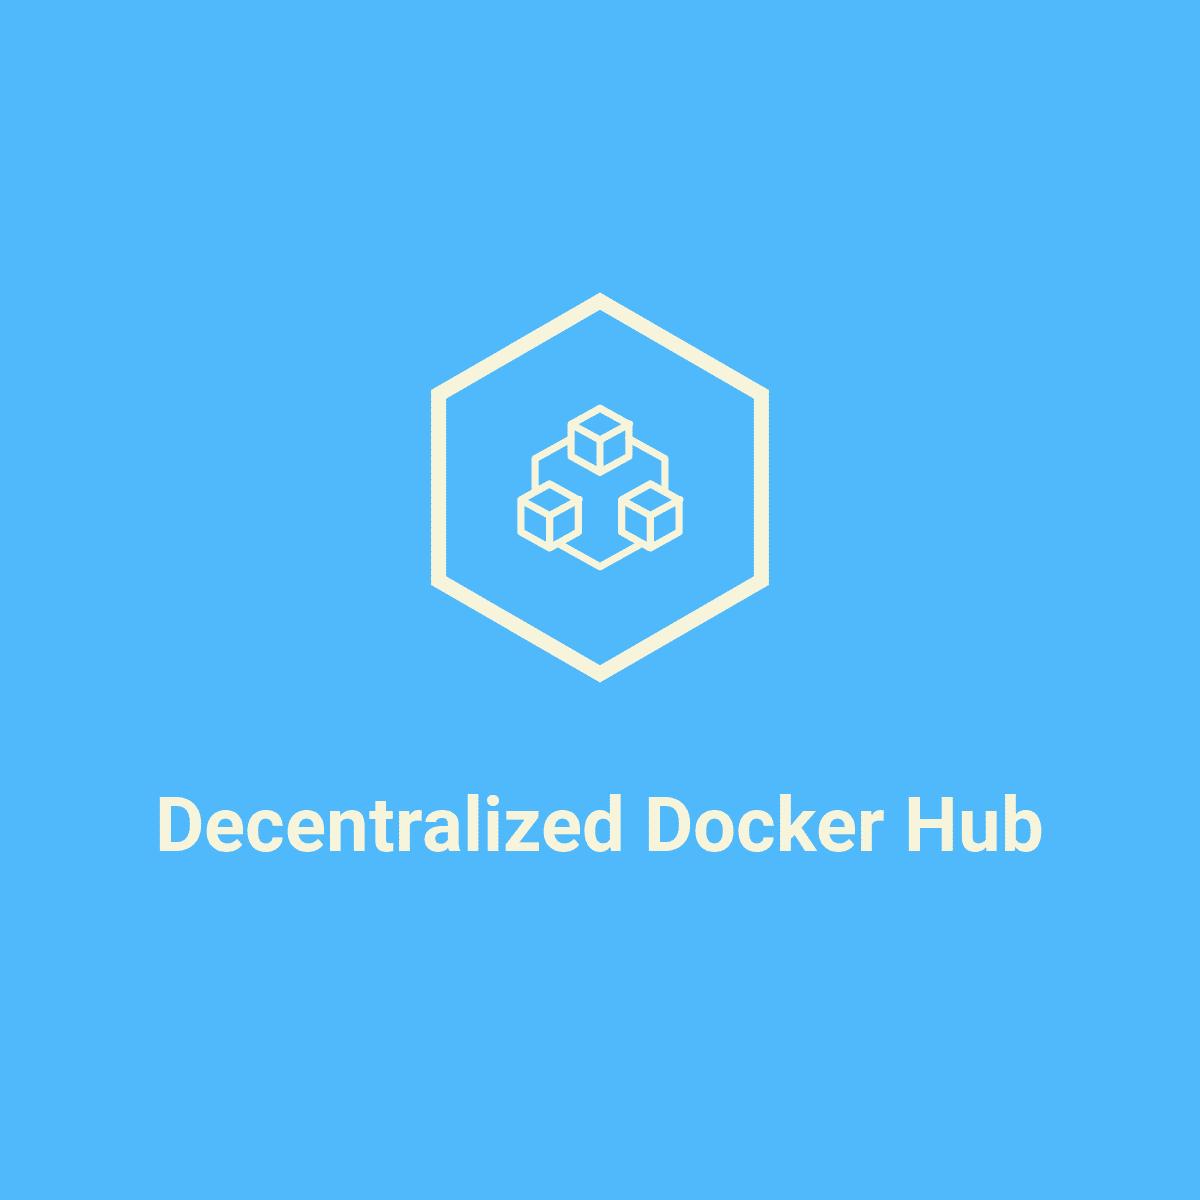 Decentralized Docker Hub